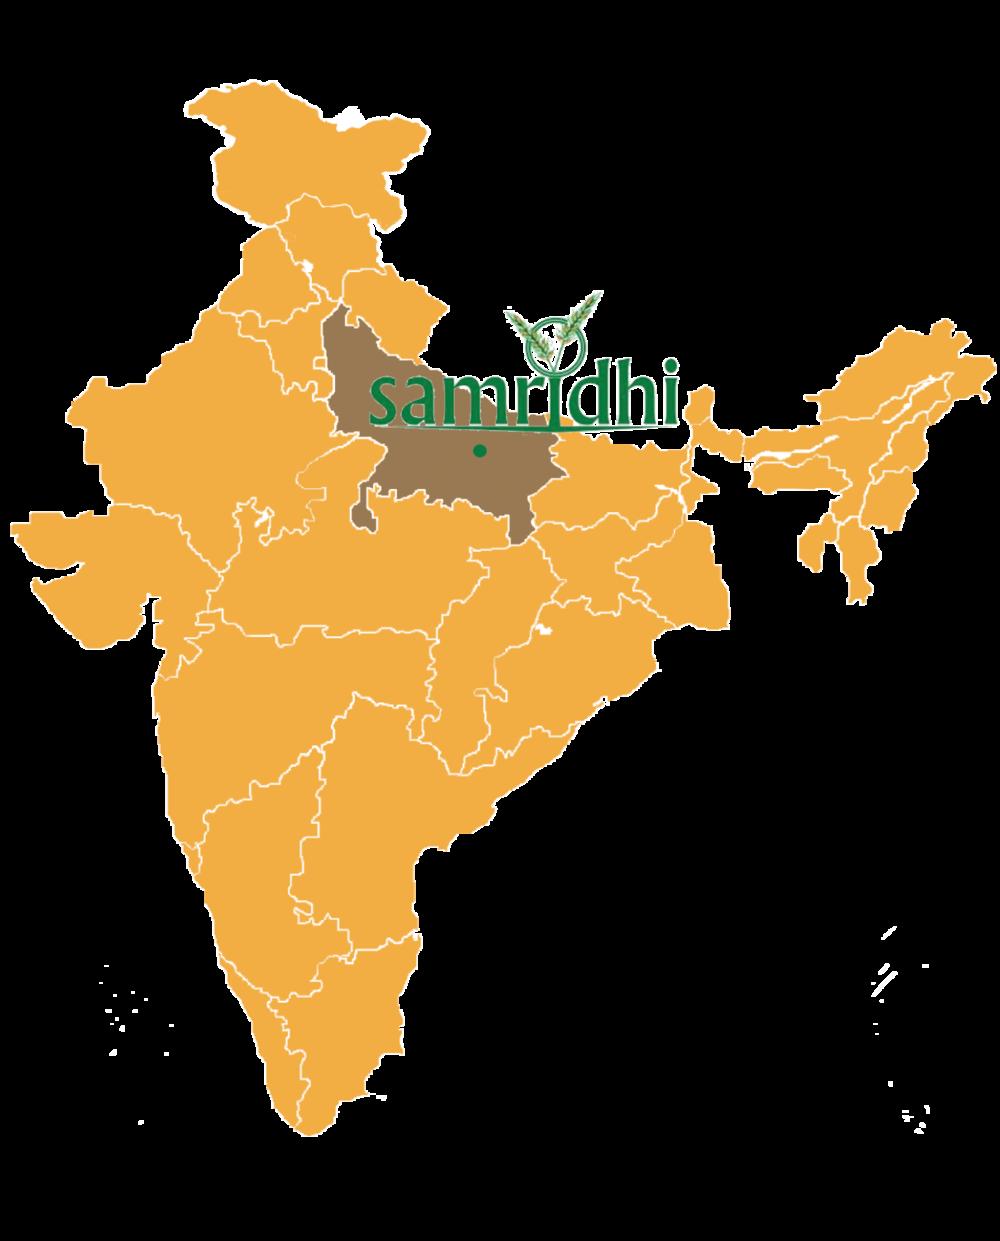 Samridhi Map